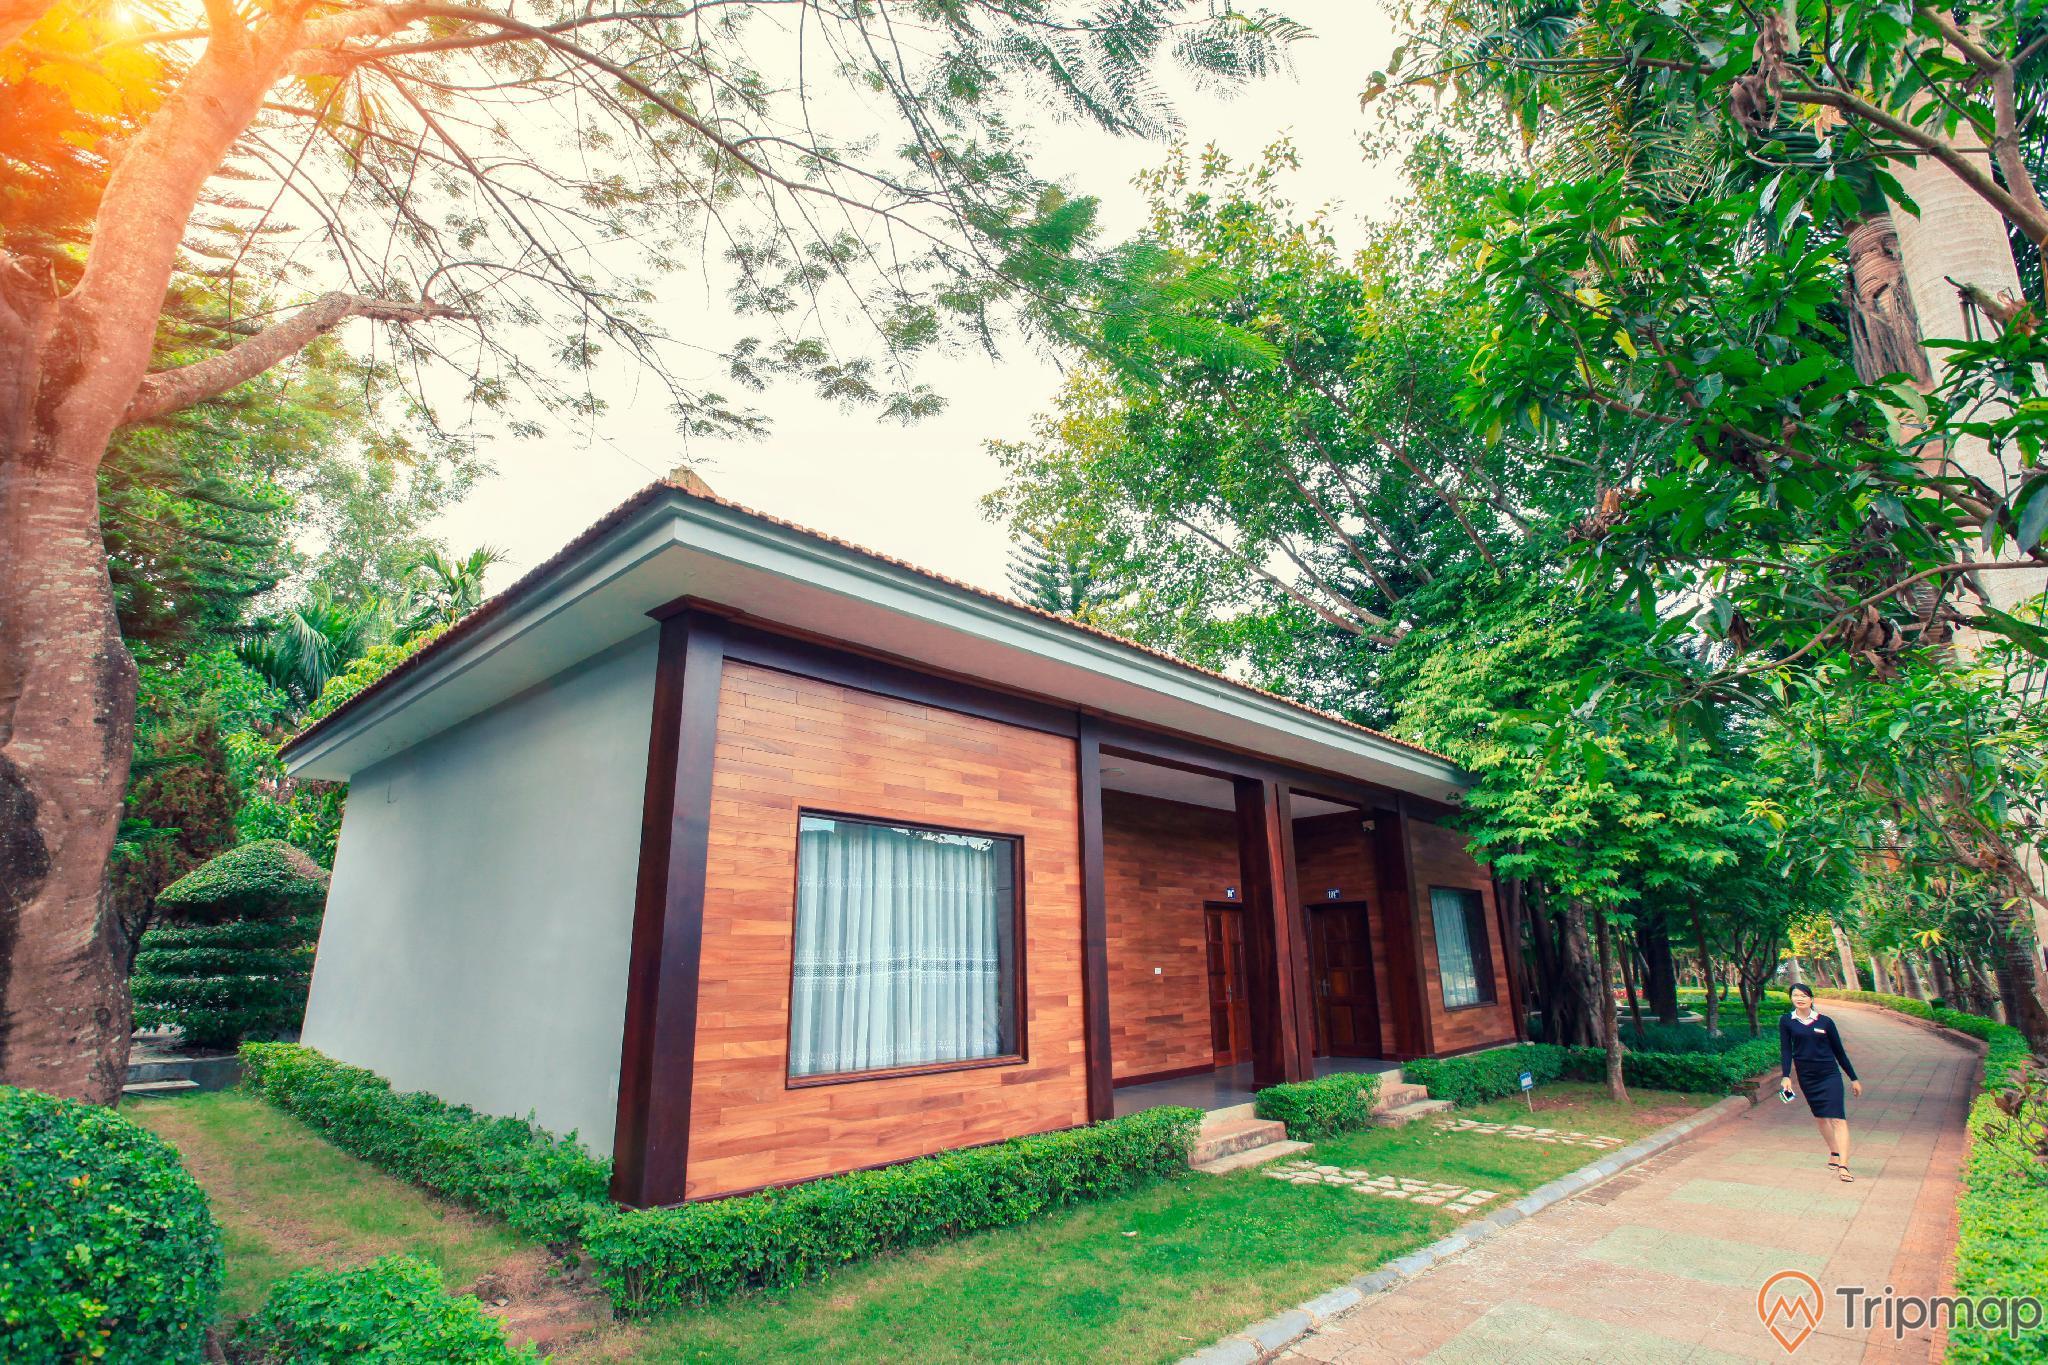 Khu du lịch sinNgôi nhà trong khu du lịch sinh thái Him Lam, một người phụ nữ đang đi bộ, cây cối xanh tươi gần ngôi nhà, ảnh chụp ngoài trờih thái Him Lam